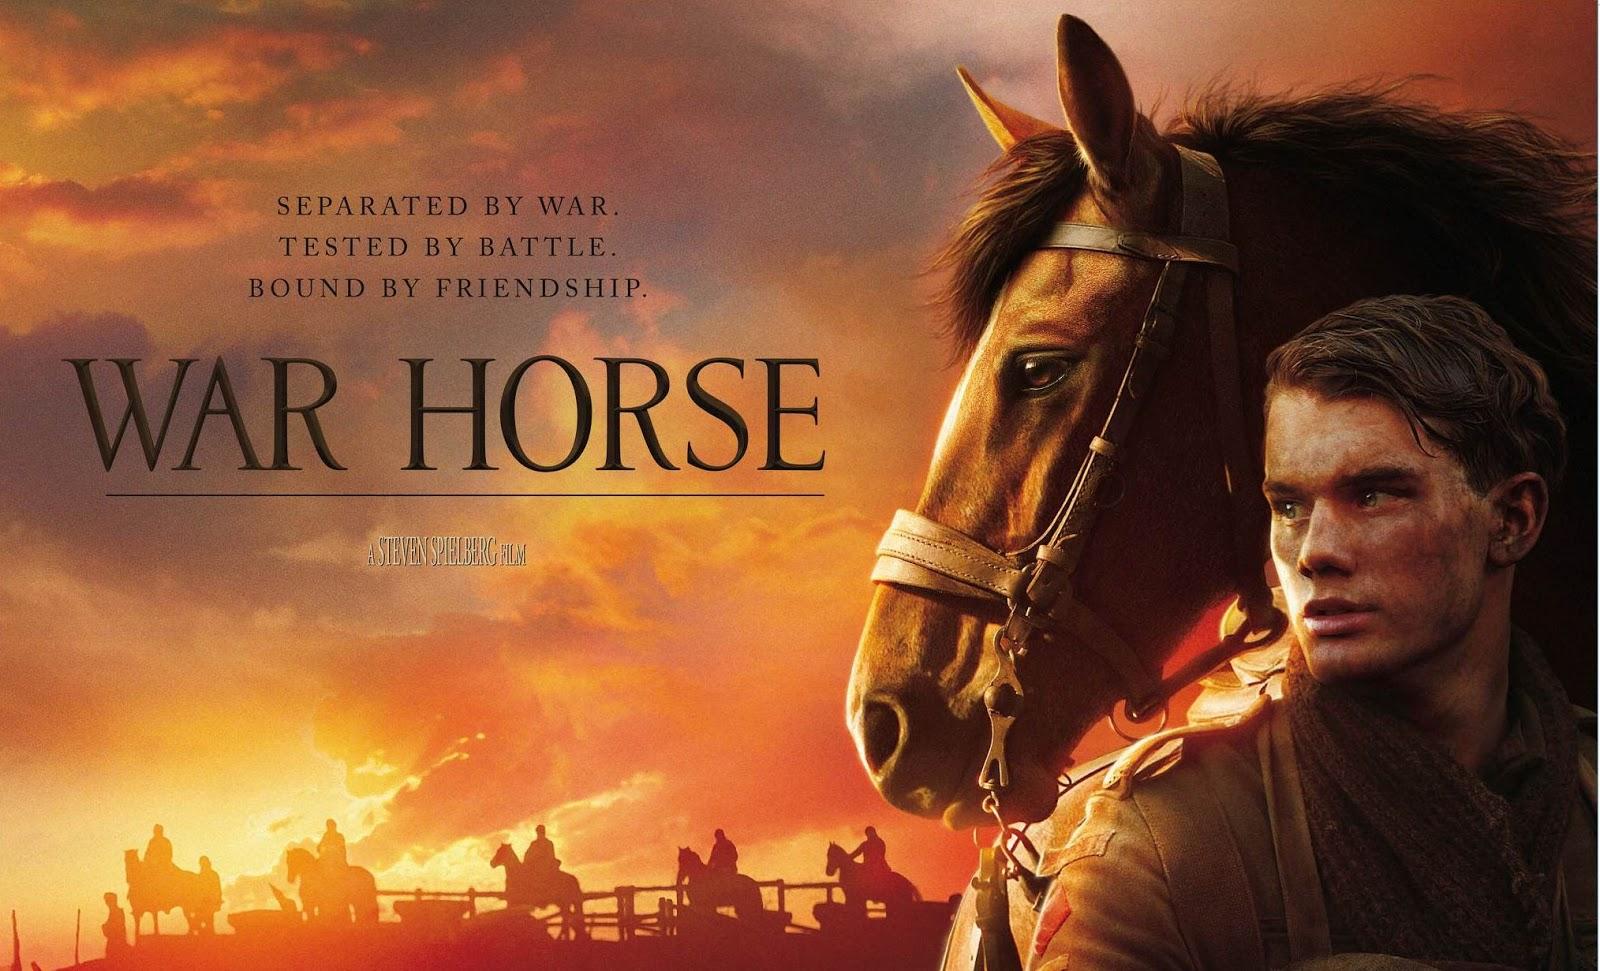 http://2.bp.blogspot.com/-y_tA9SFXq6M/UOQ3vzUdc_I/AAAAAAAAJ9k/wIsnK1z4QWc/s1600/war-horse-990135l.jpg